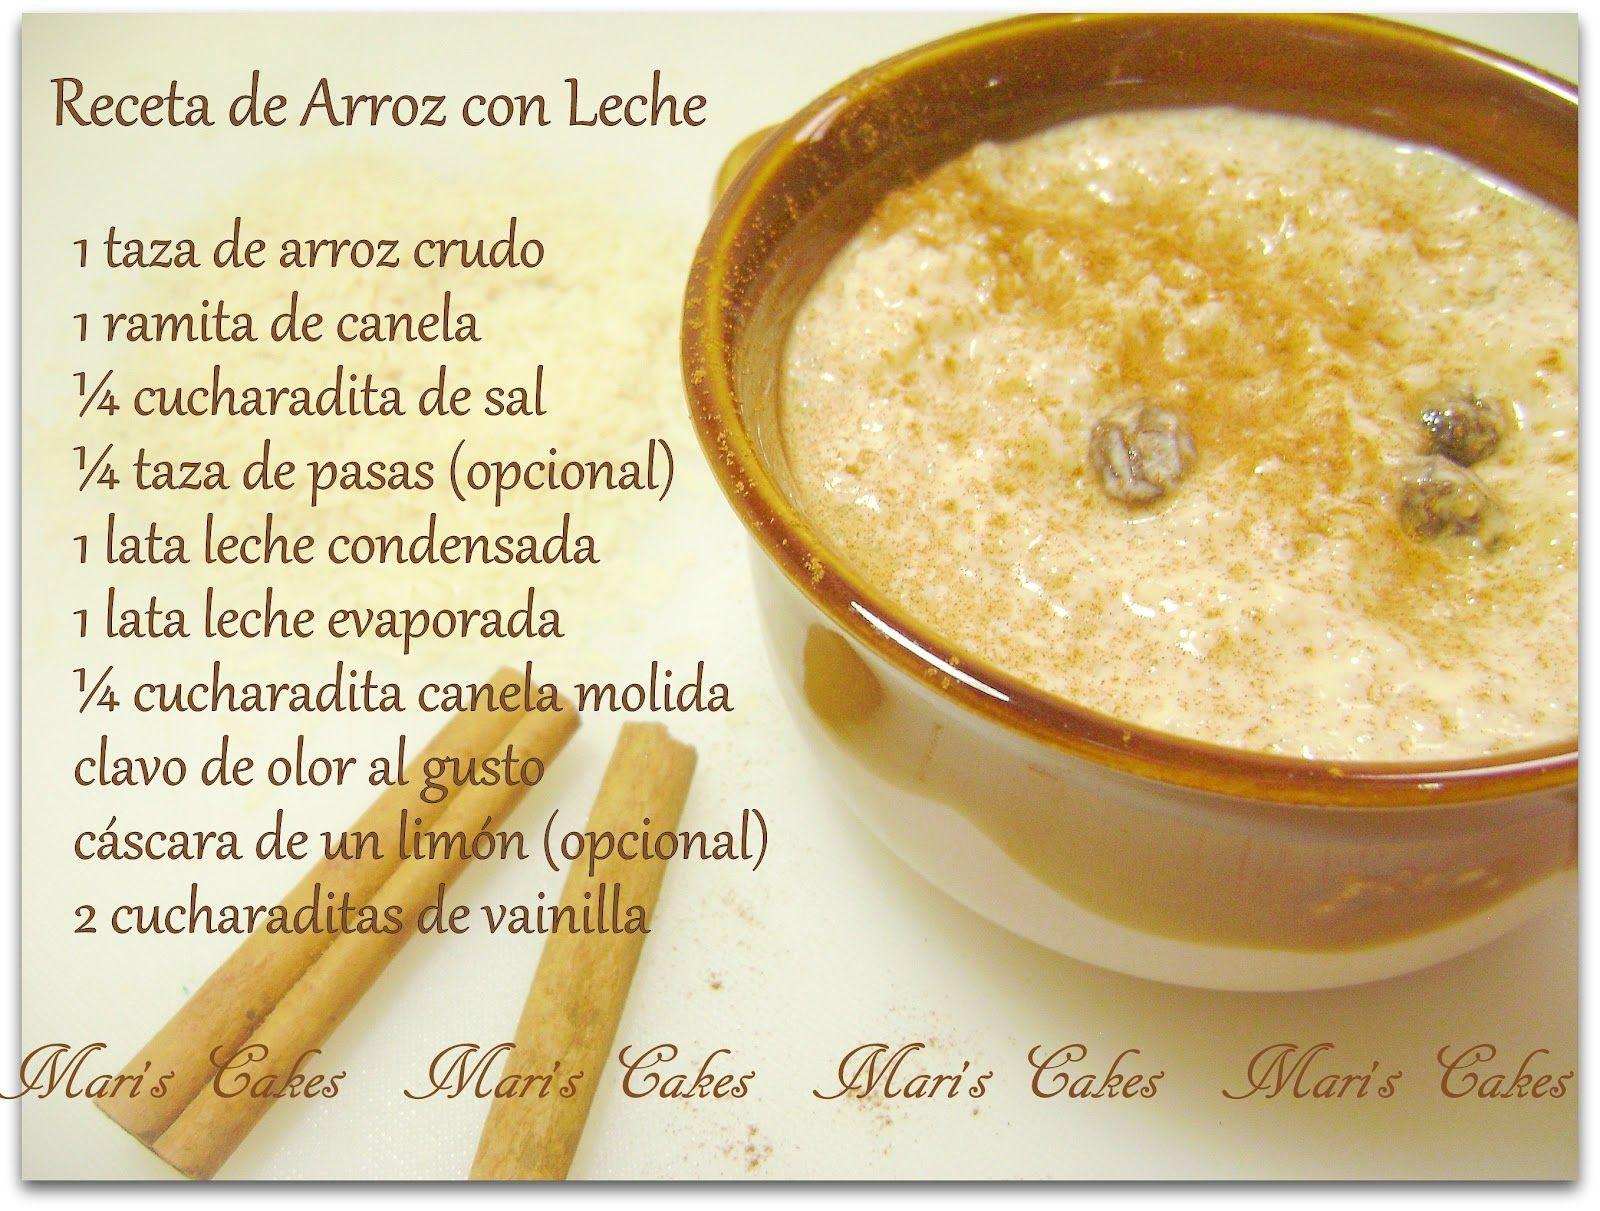 87cacca25ec115501444636083960560 - Recetas De Arroz En Leche